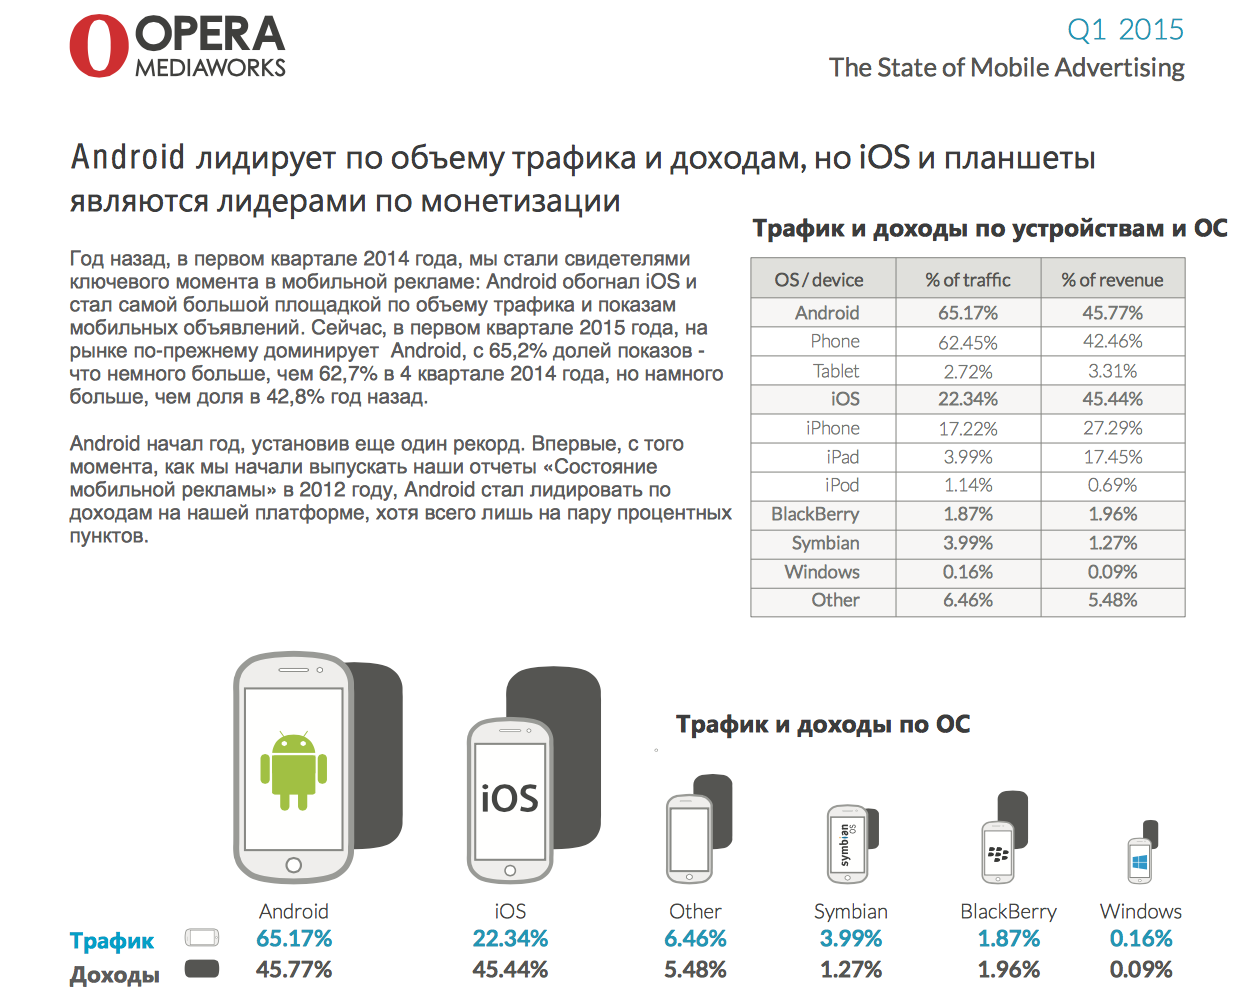 Ситуация на рынке мобильных приложений и рекламы